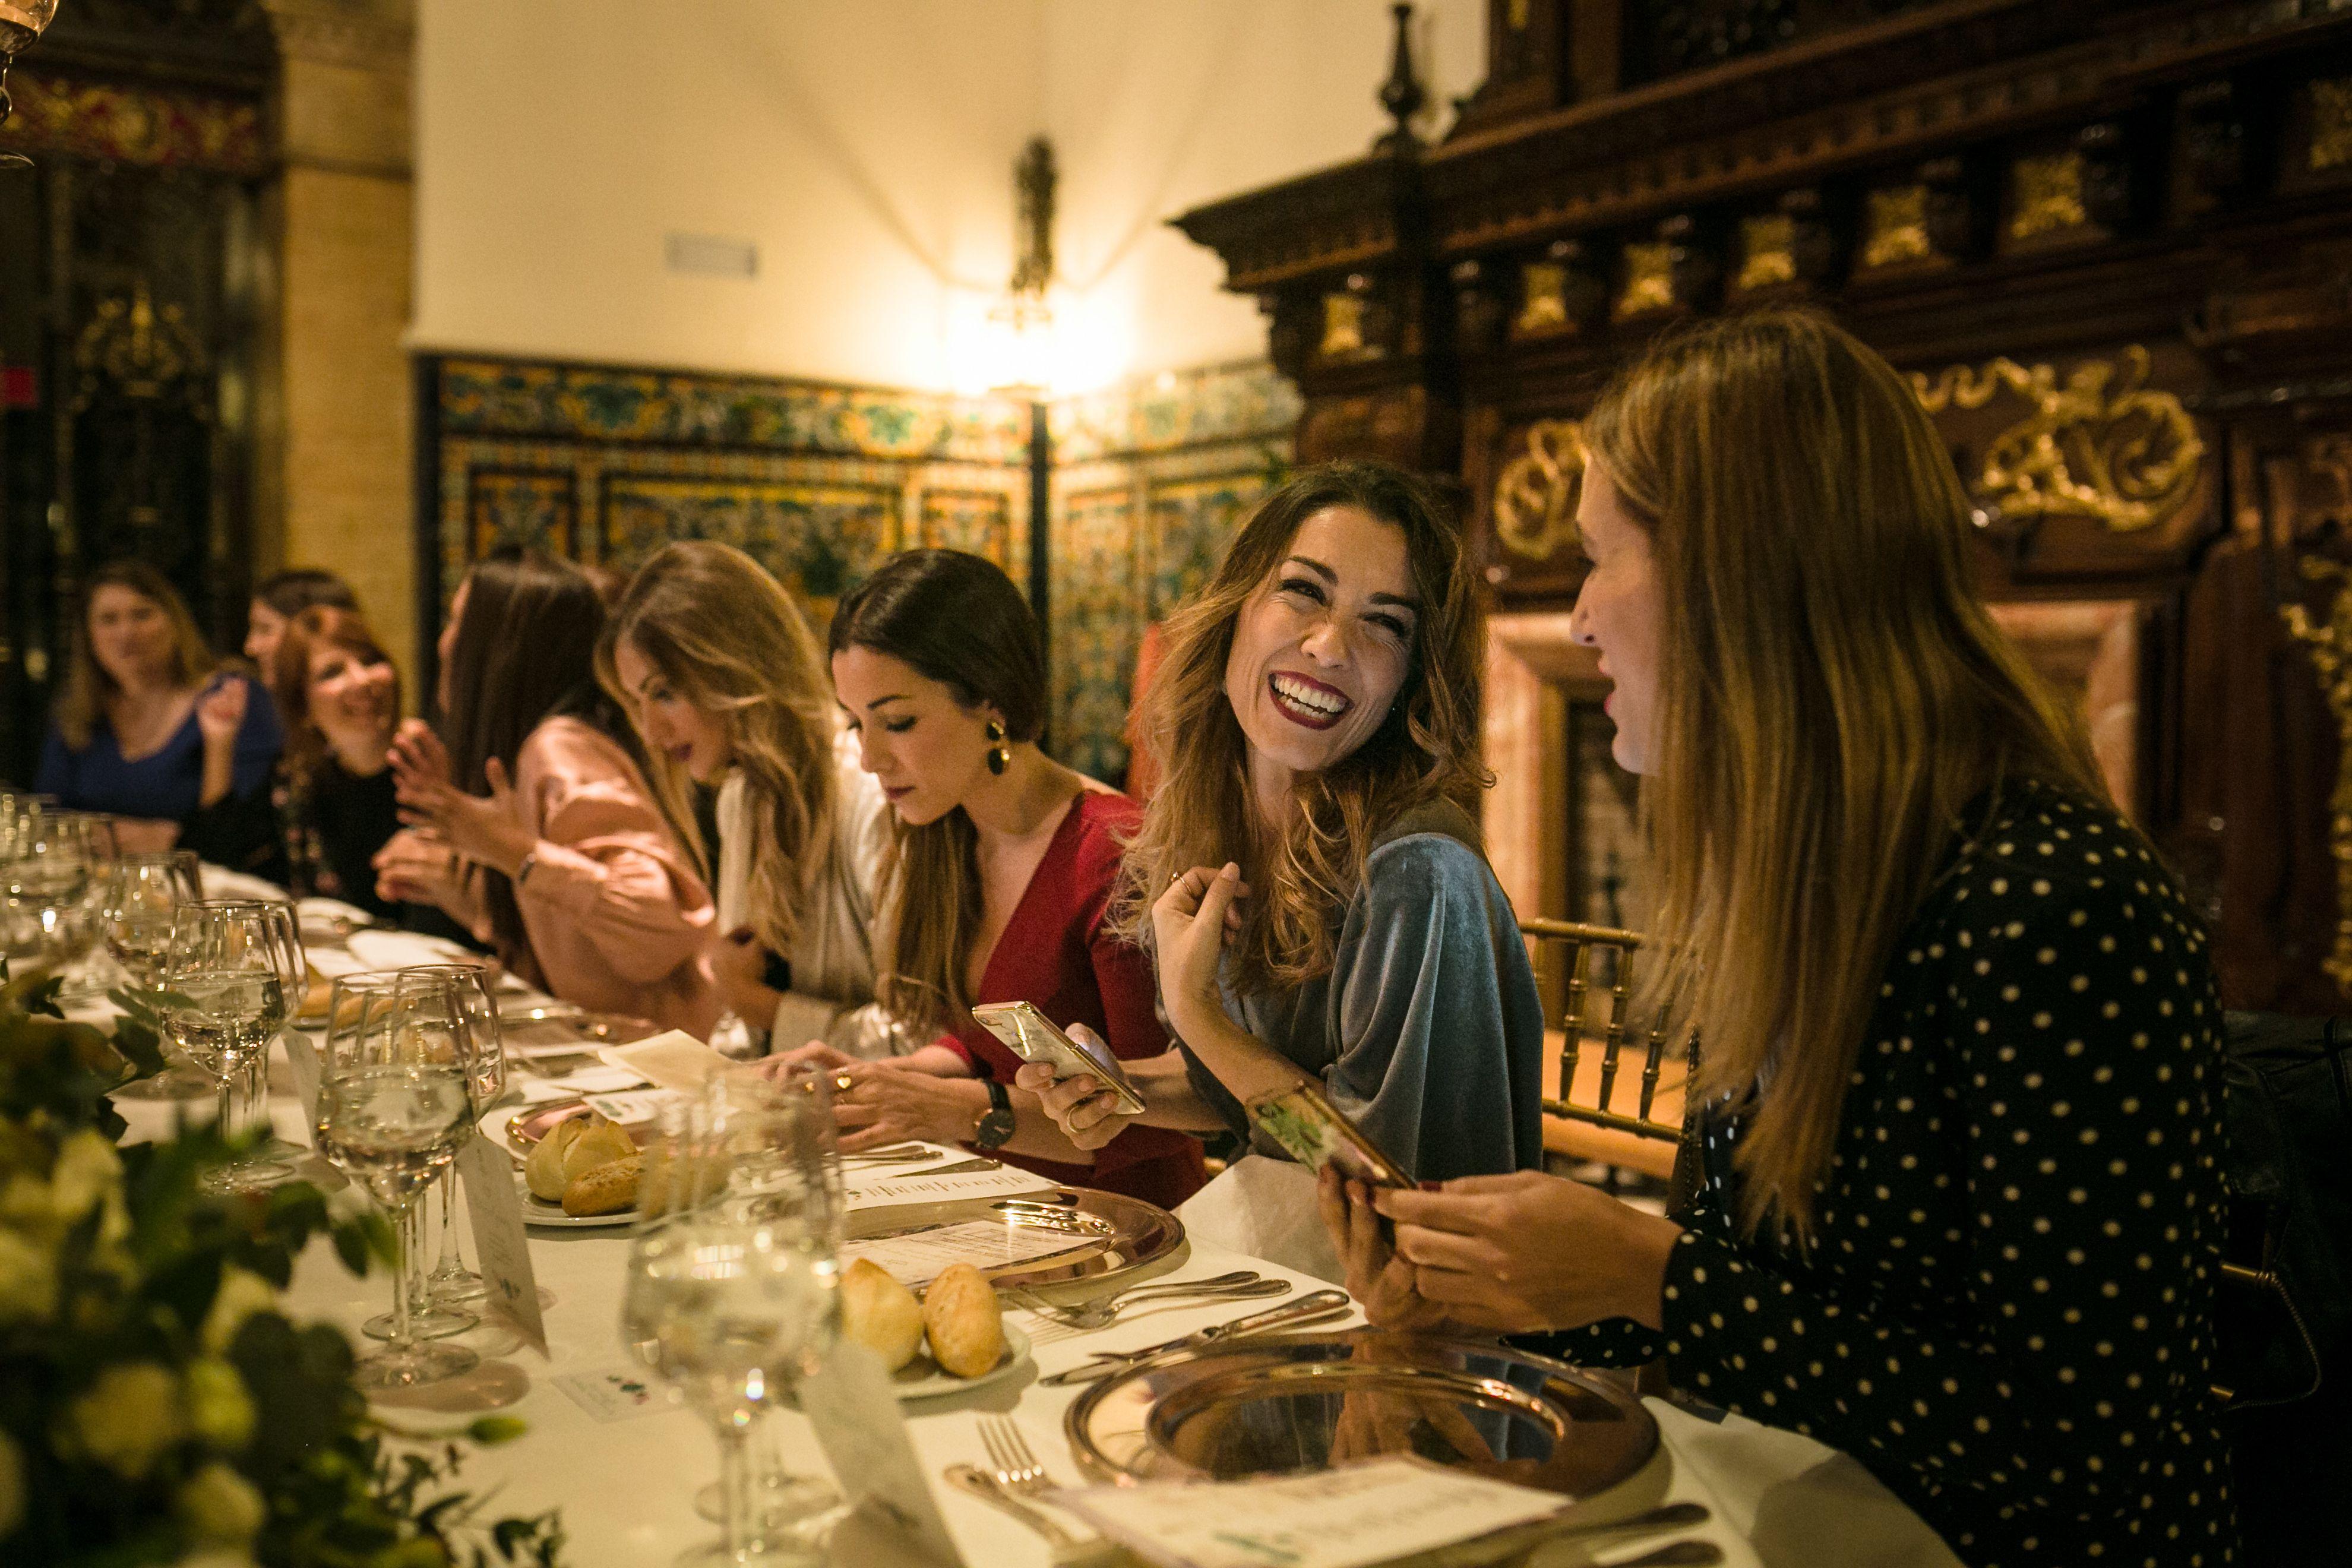 El evento Wedding Club Aires de Sevilla en el Hotel Alfonso XIII